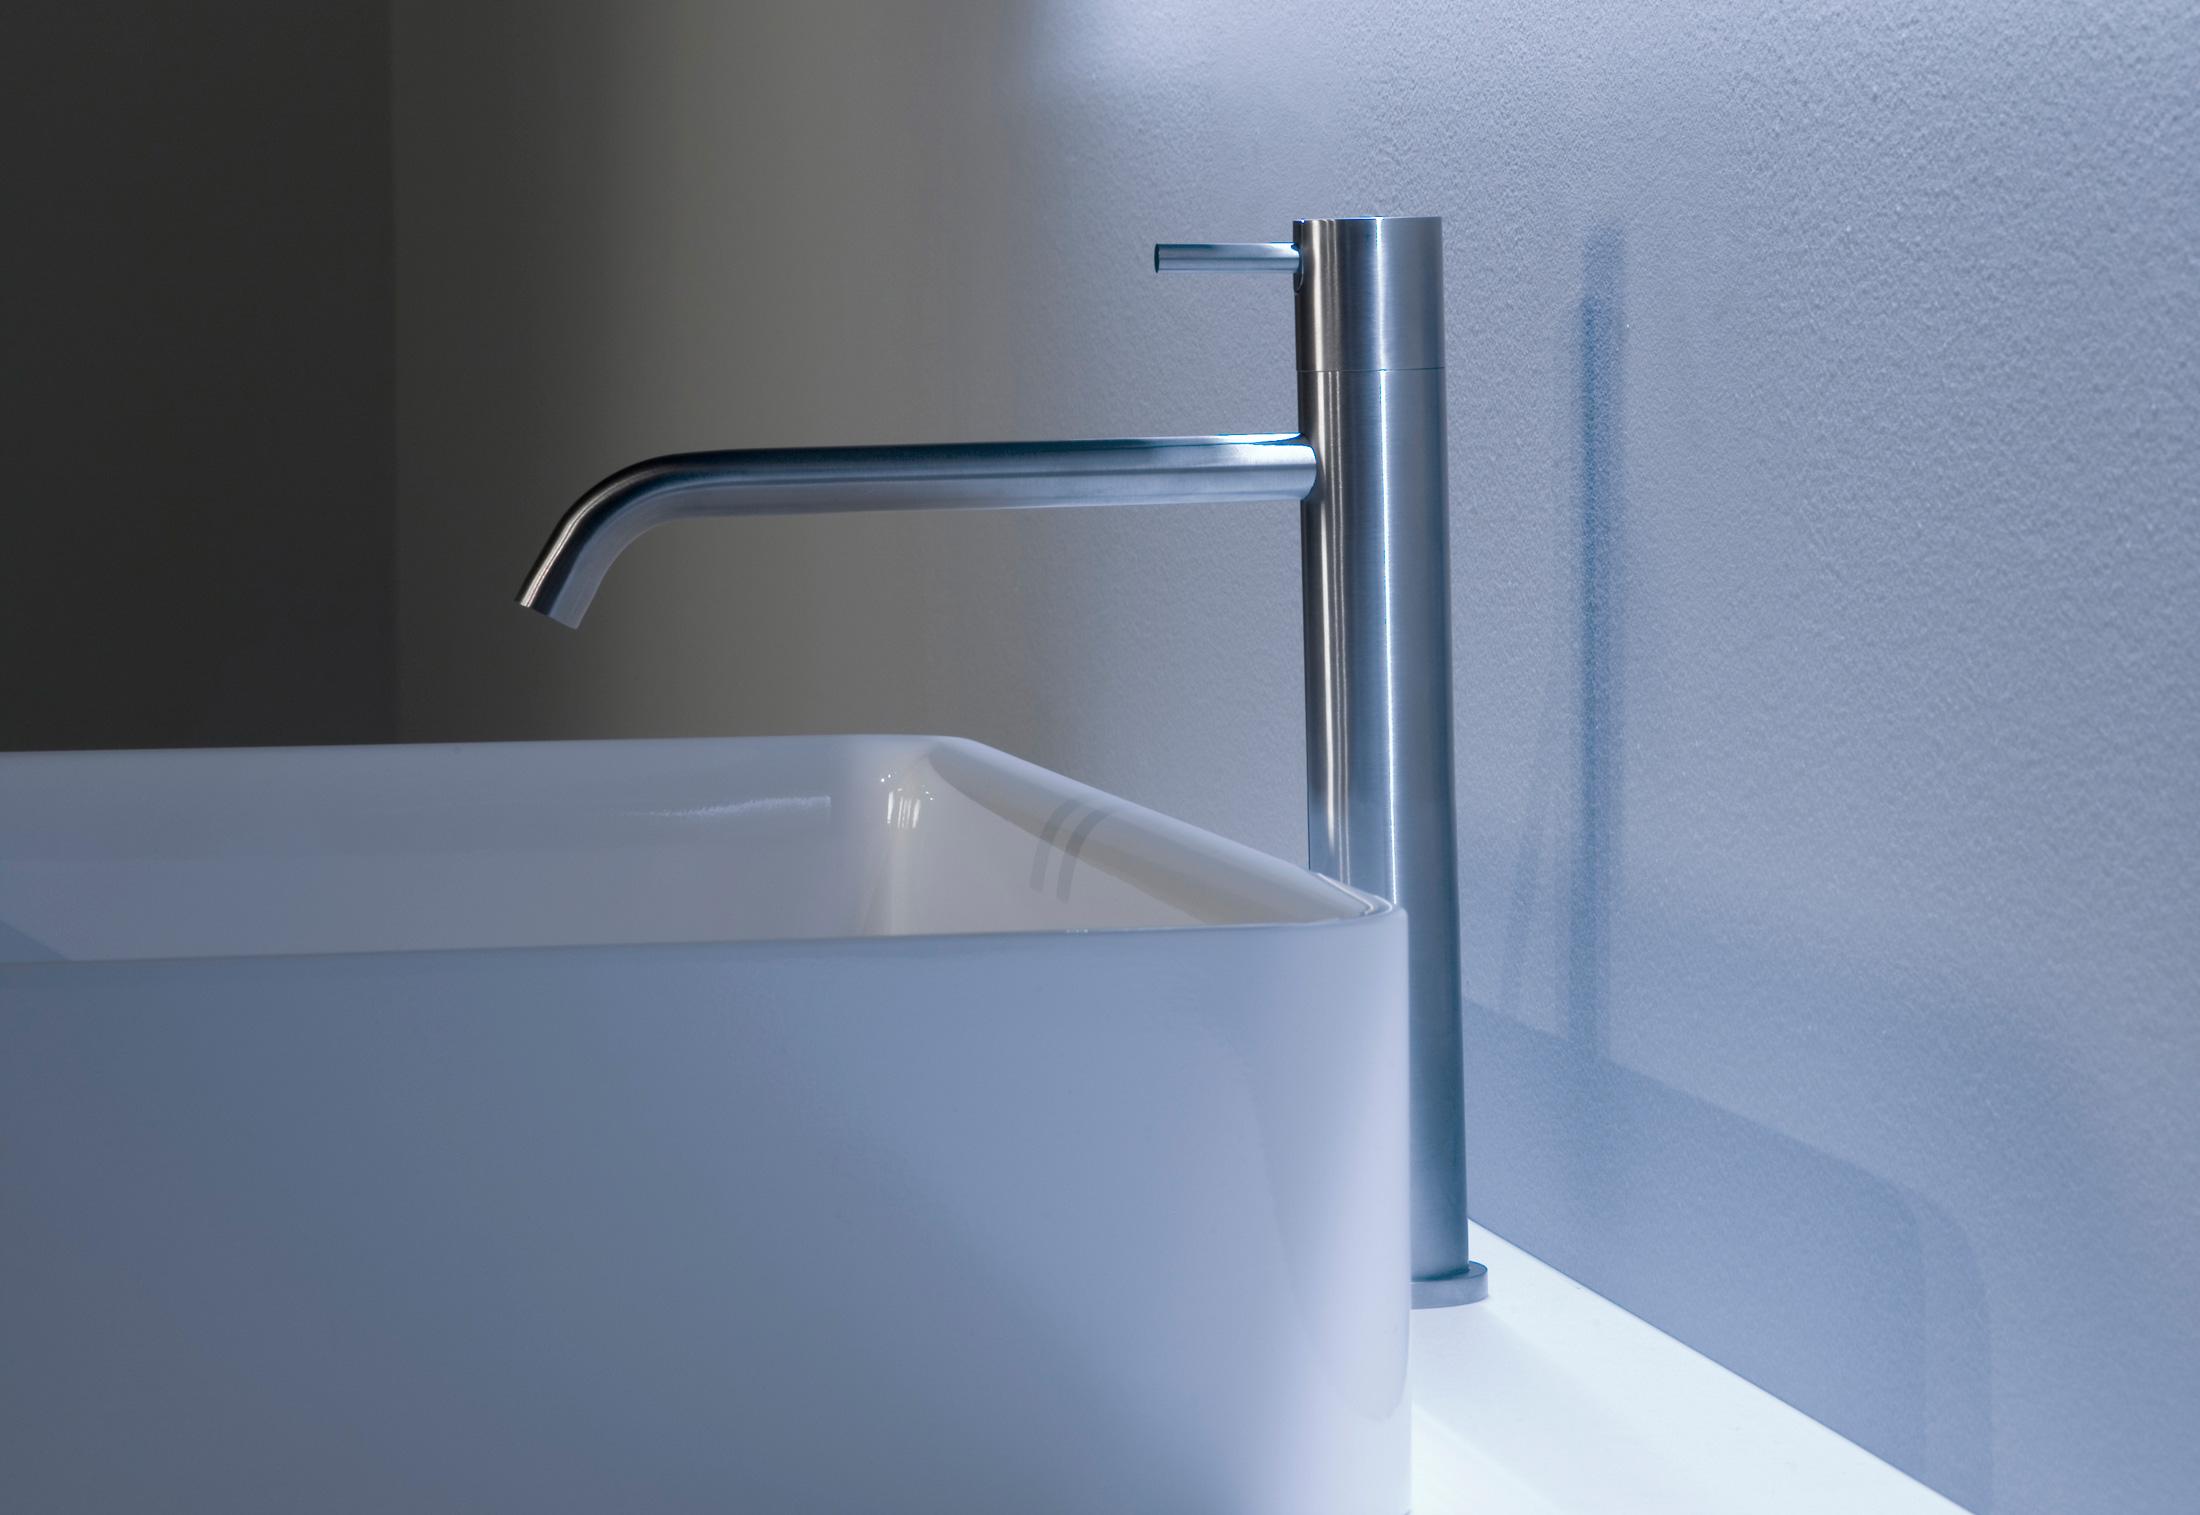 Ayati faucet by Antonio Lupi   STYLEPARK